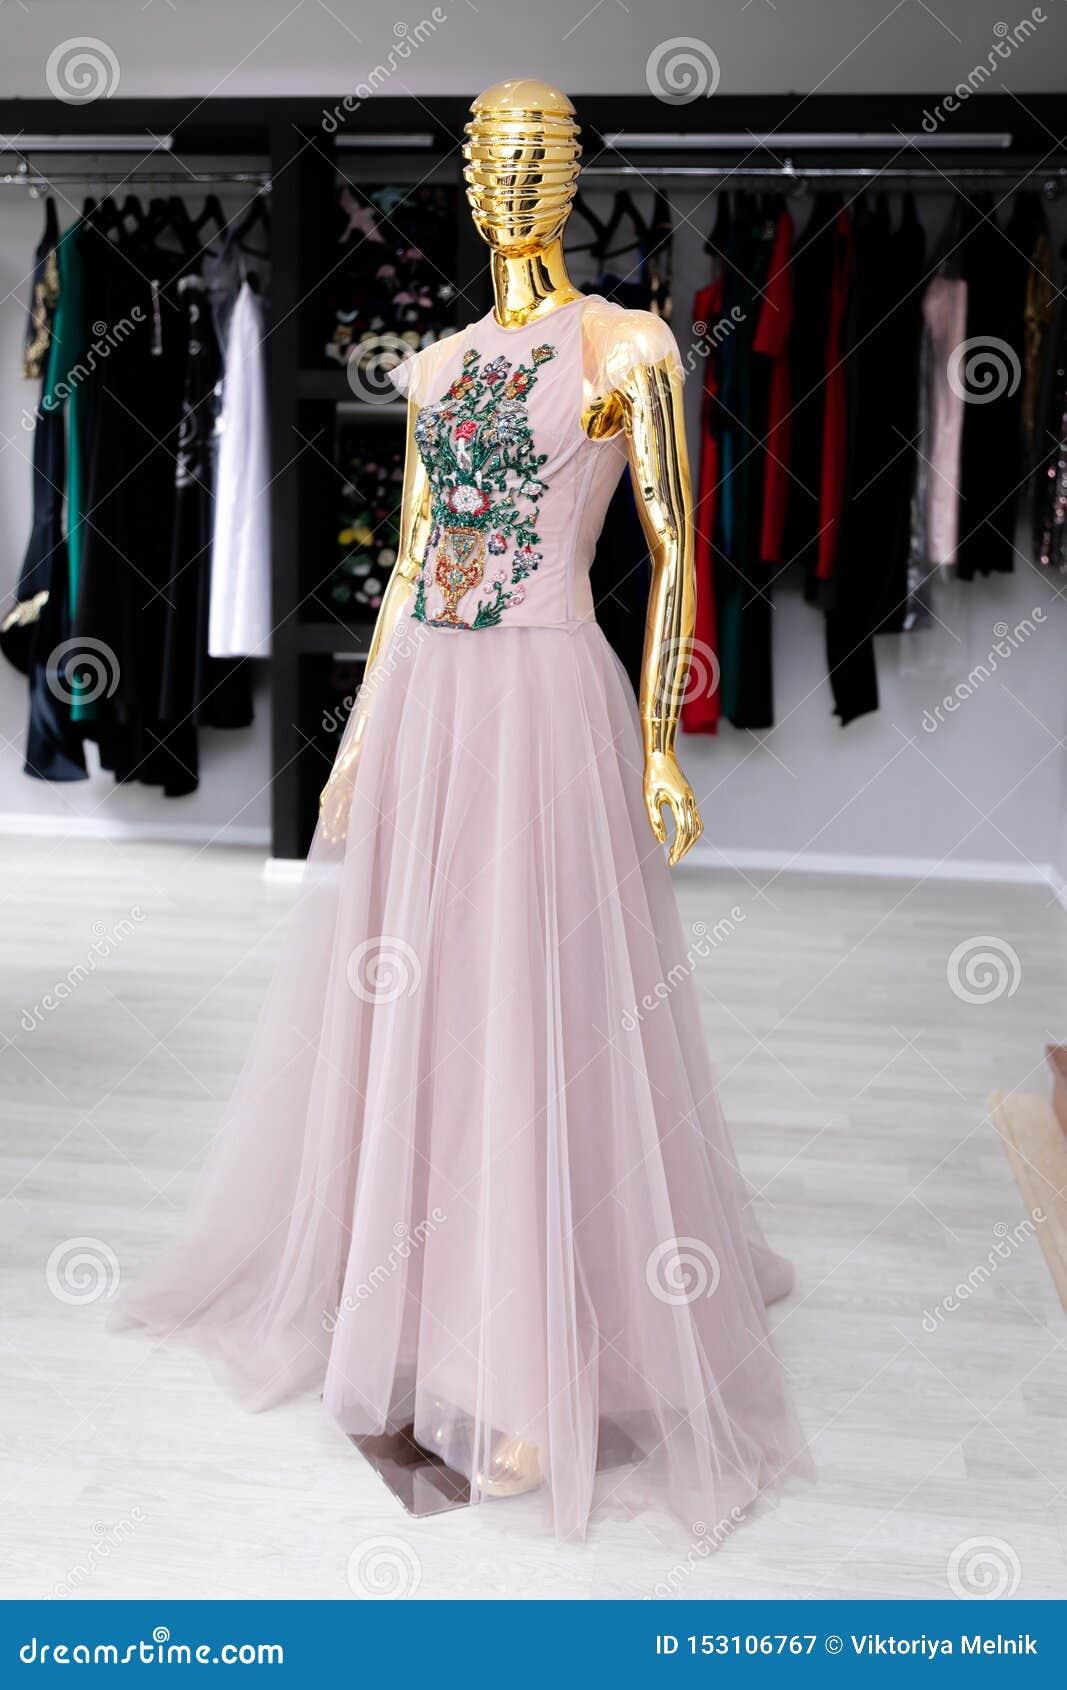 Vestido para mujer, rosa claro de Tulle con un ornamento en un pecho de gotas